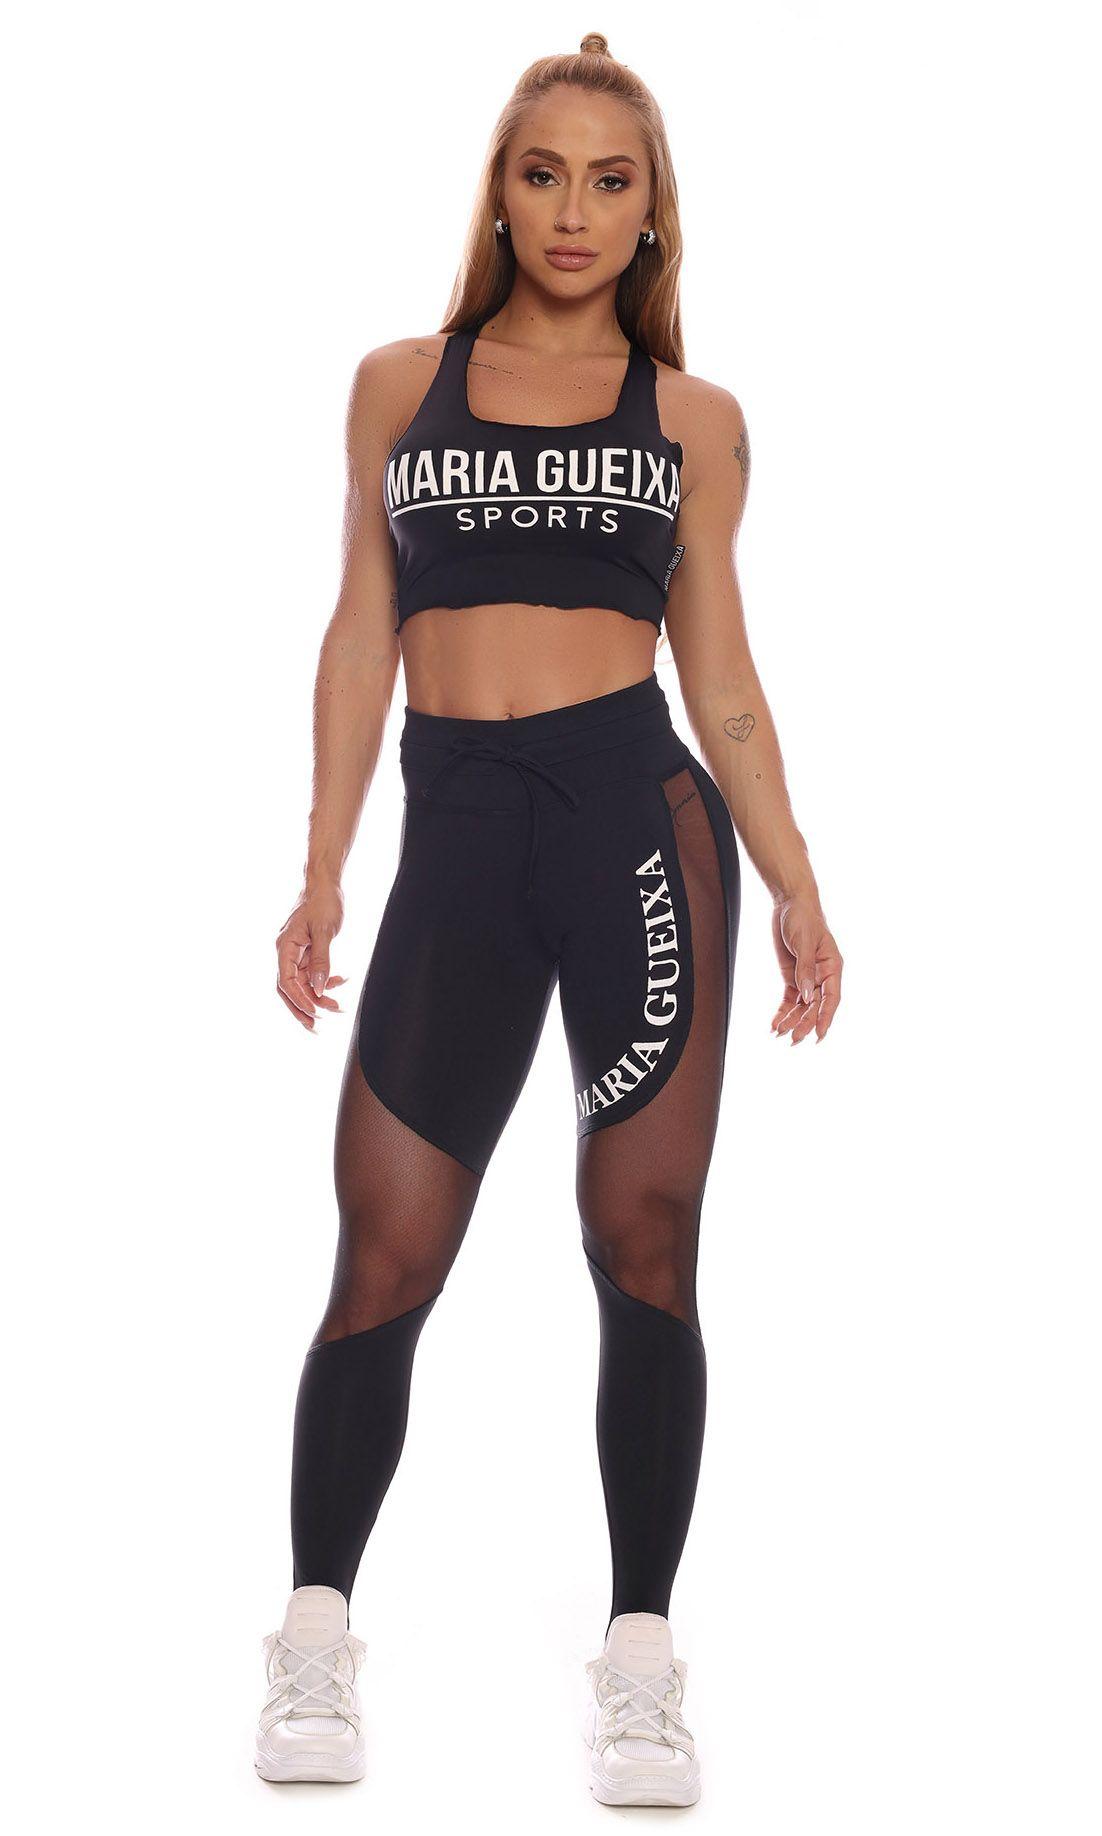 MARIA GUEIXA CUTOUT TULE SCULPT LEGGING BLACK